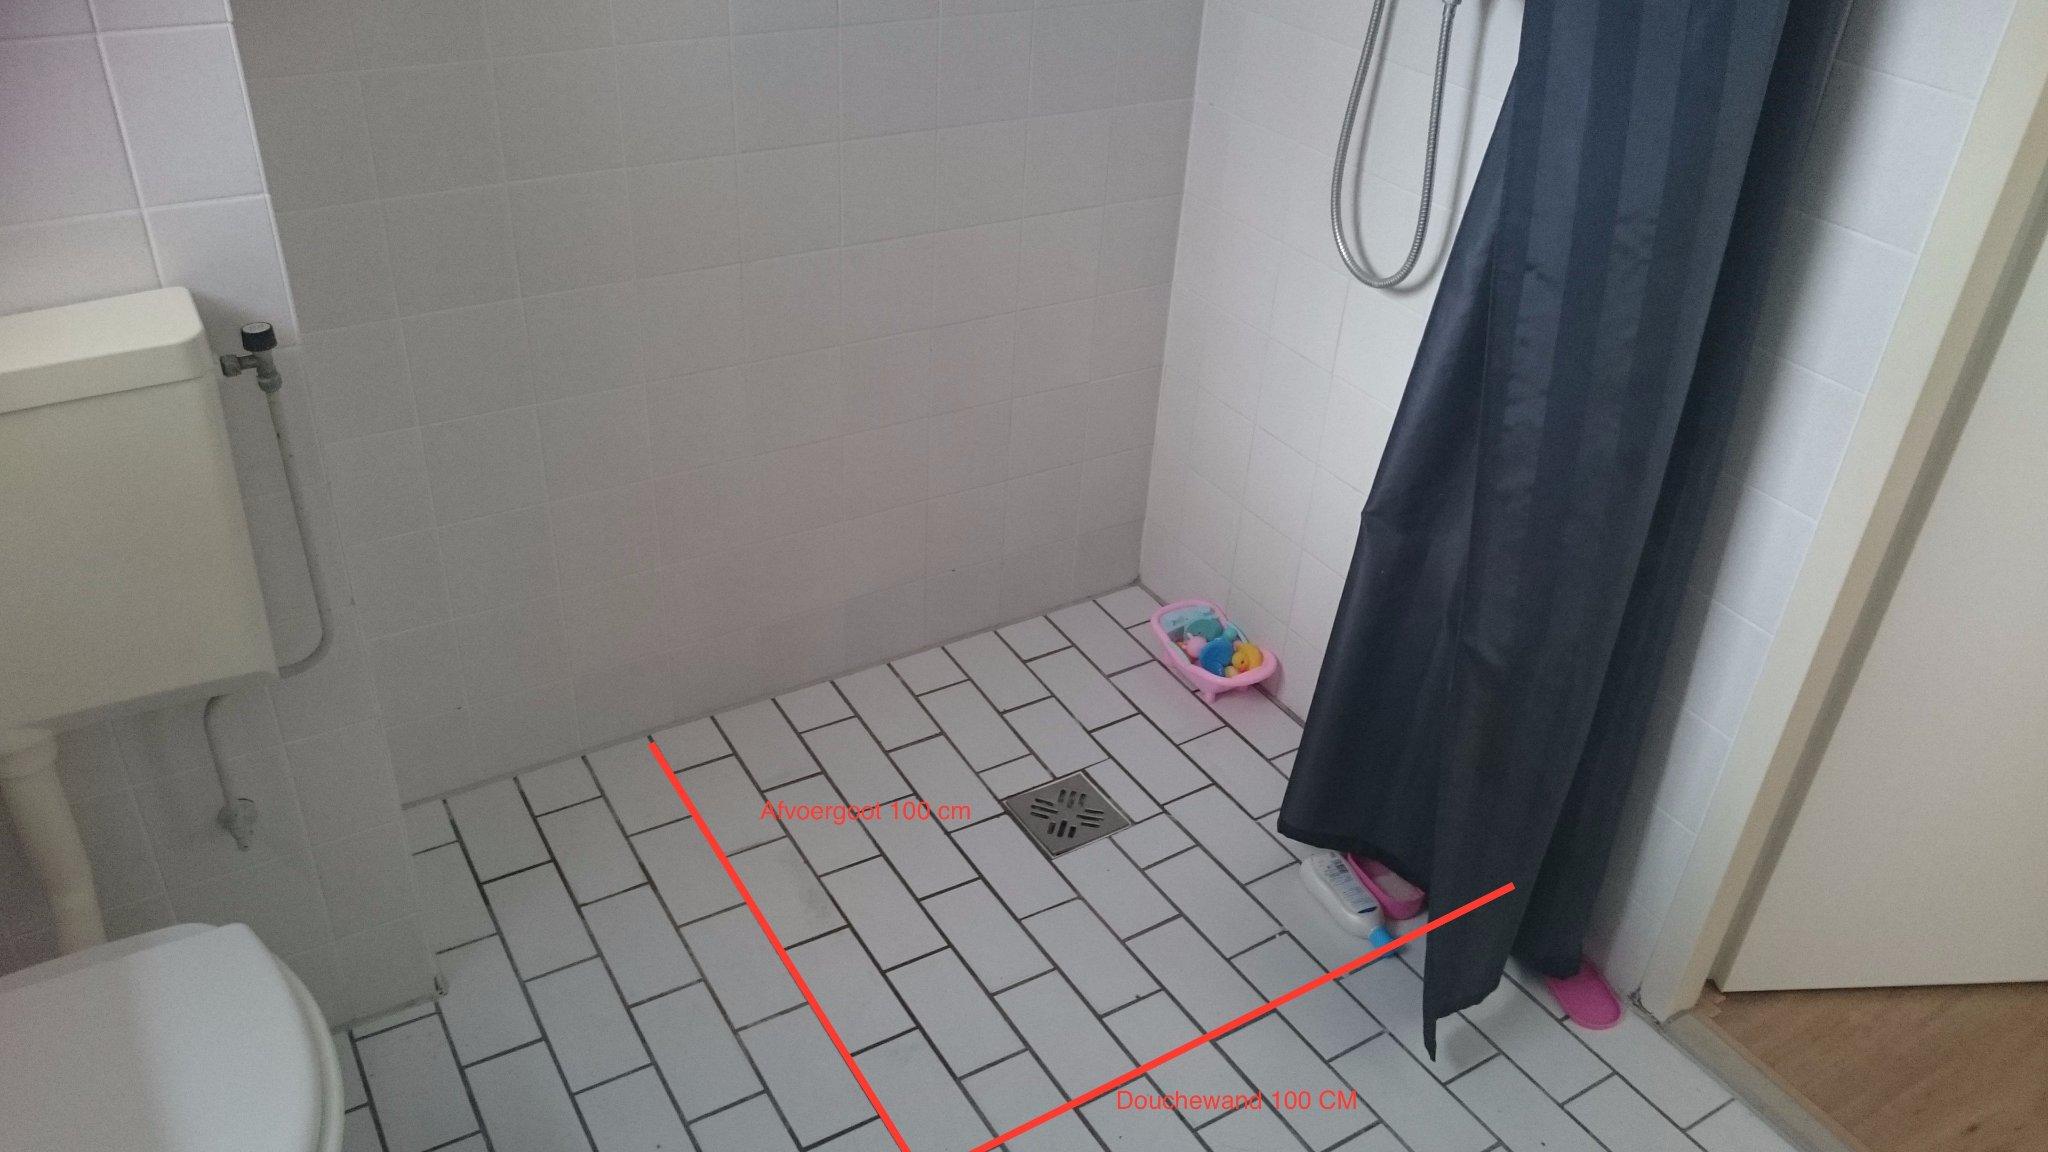 Mechanische Afzuiging Badkamer : Van der meij mechanische ventilatie onderh tokyoughoul re